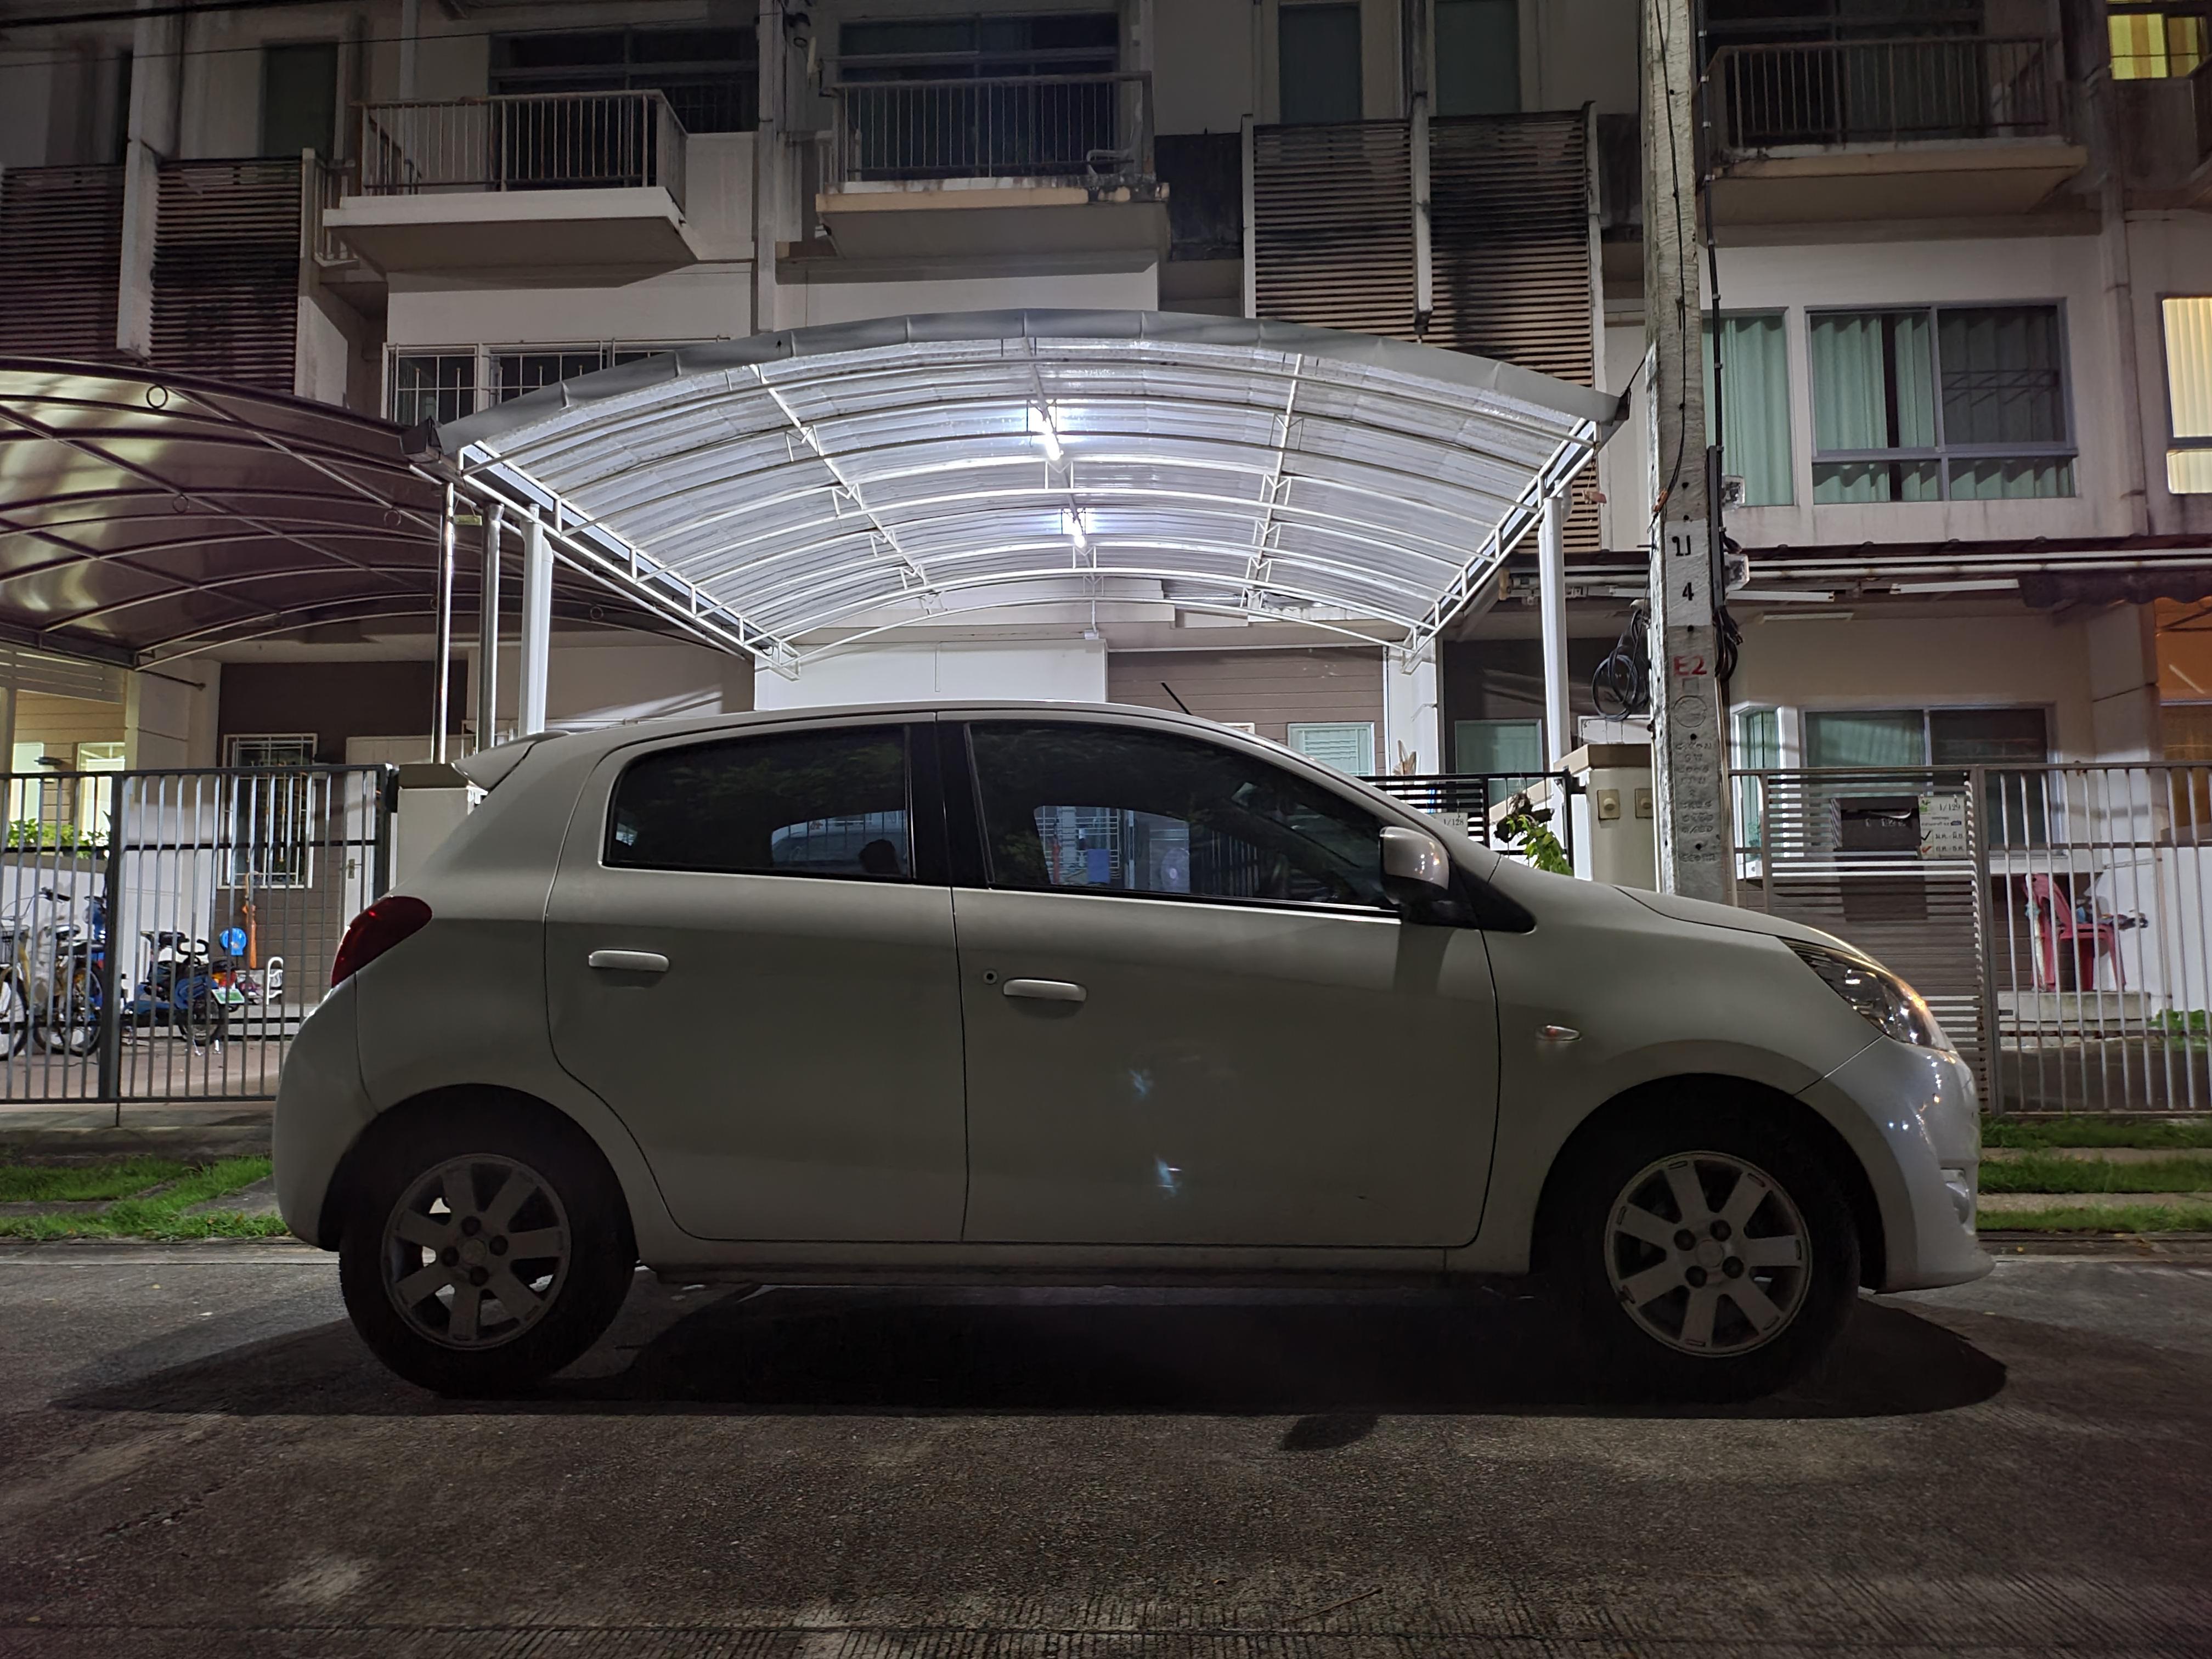 ภาพรถยนต์อีโค่คาร์สีขาว จอดอยู่หน้าบ้านถ่ายด้วย Samsung Galaxy Z Fold 2 ใ